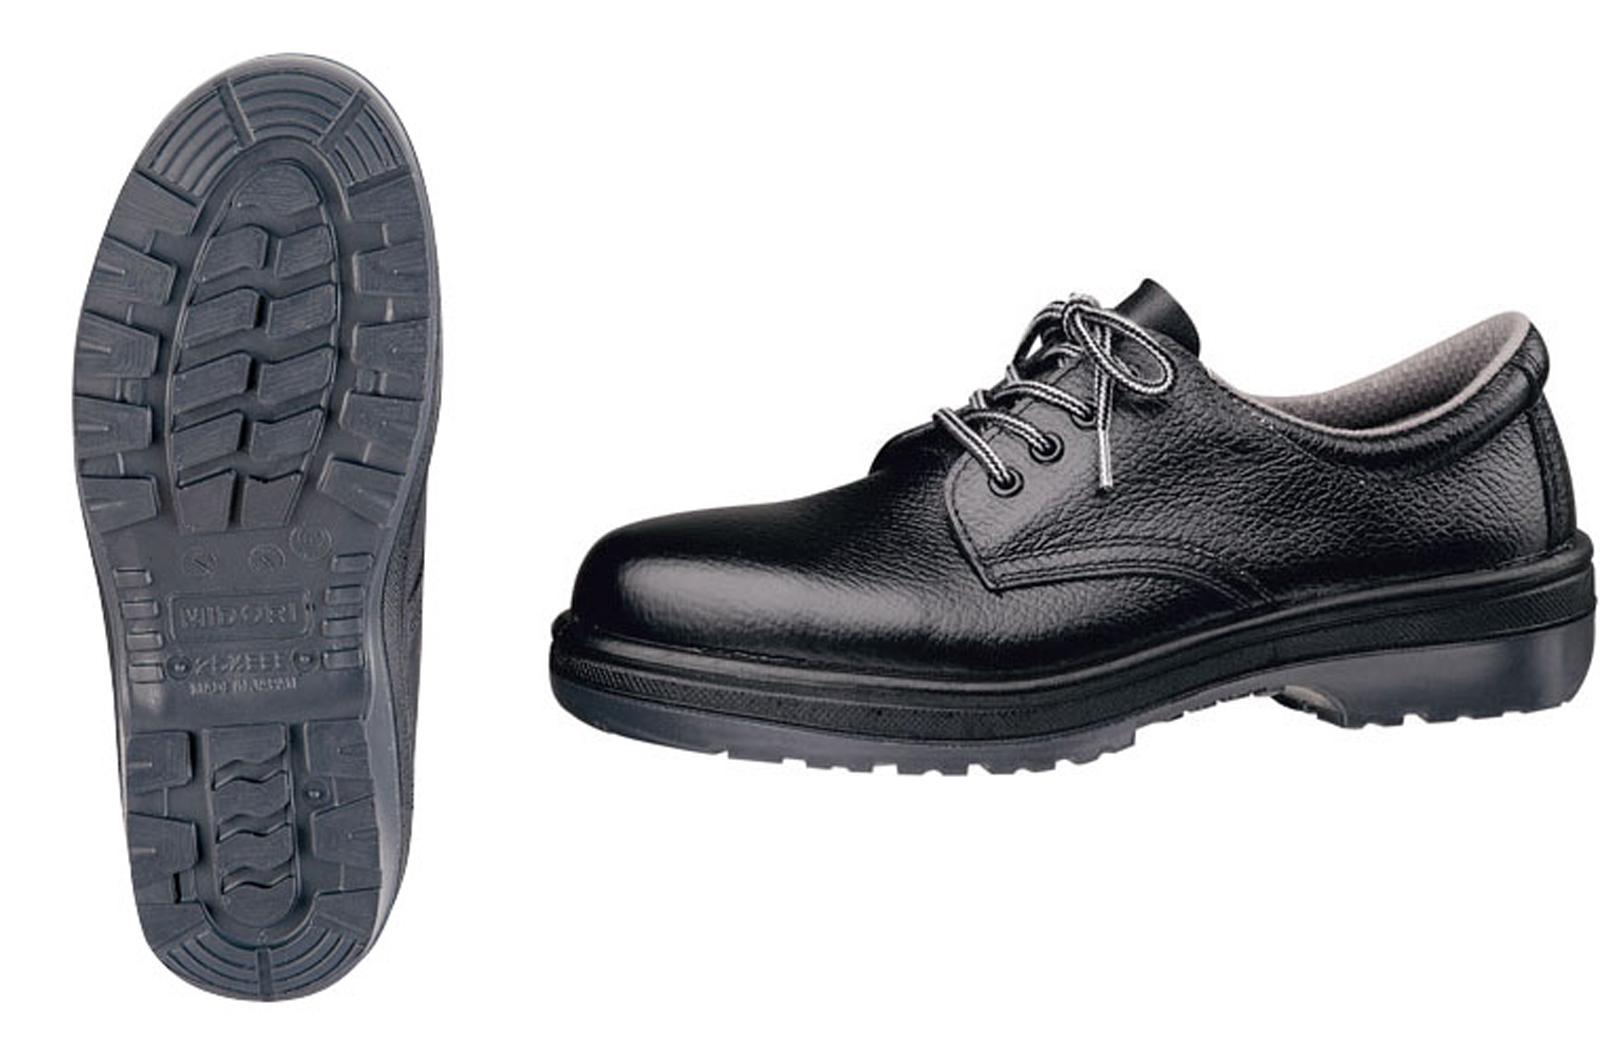 ミドリ ラバーテック安全短靴 RT110 28.0cm 【厨房用品 長靴 白衣 靴 サンダル スリッパ 業務用 販売 通販】 [7-1369-0510 6-1309-0510 ]